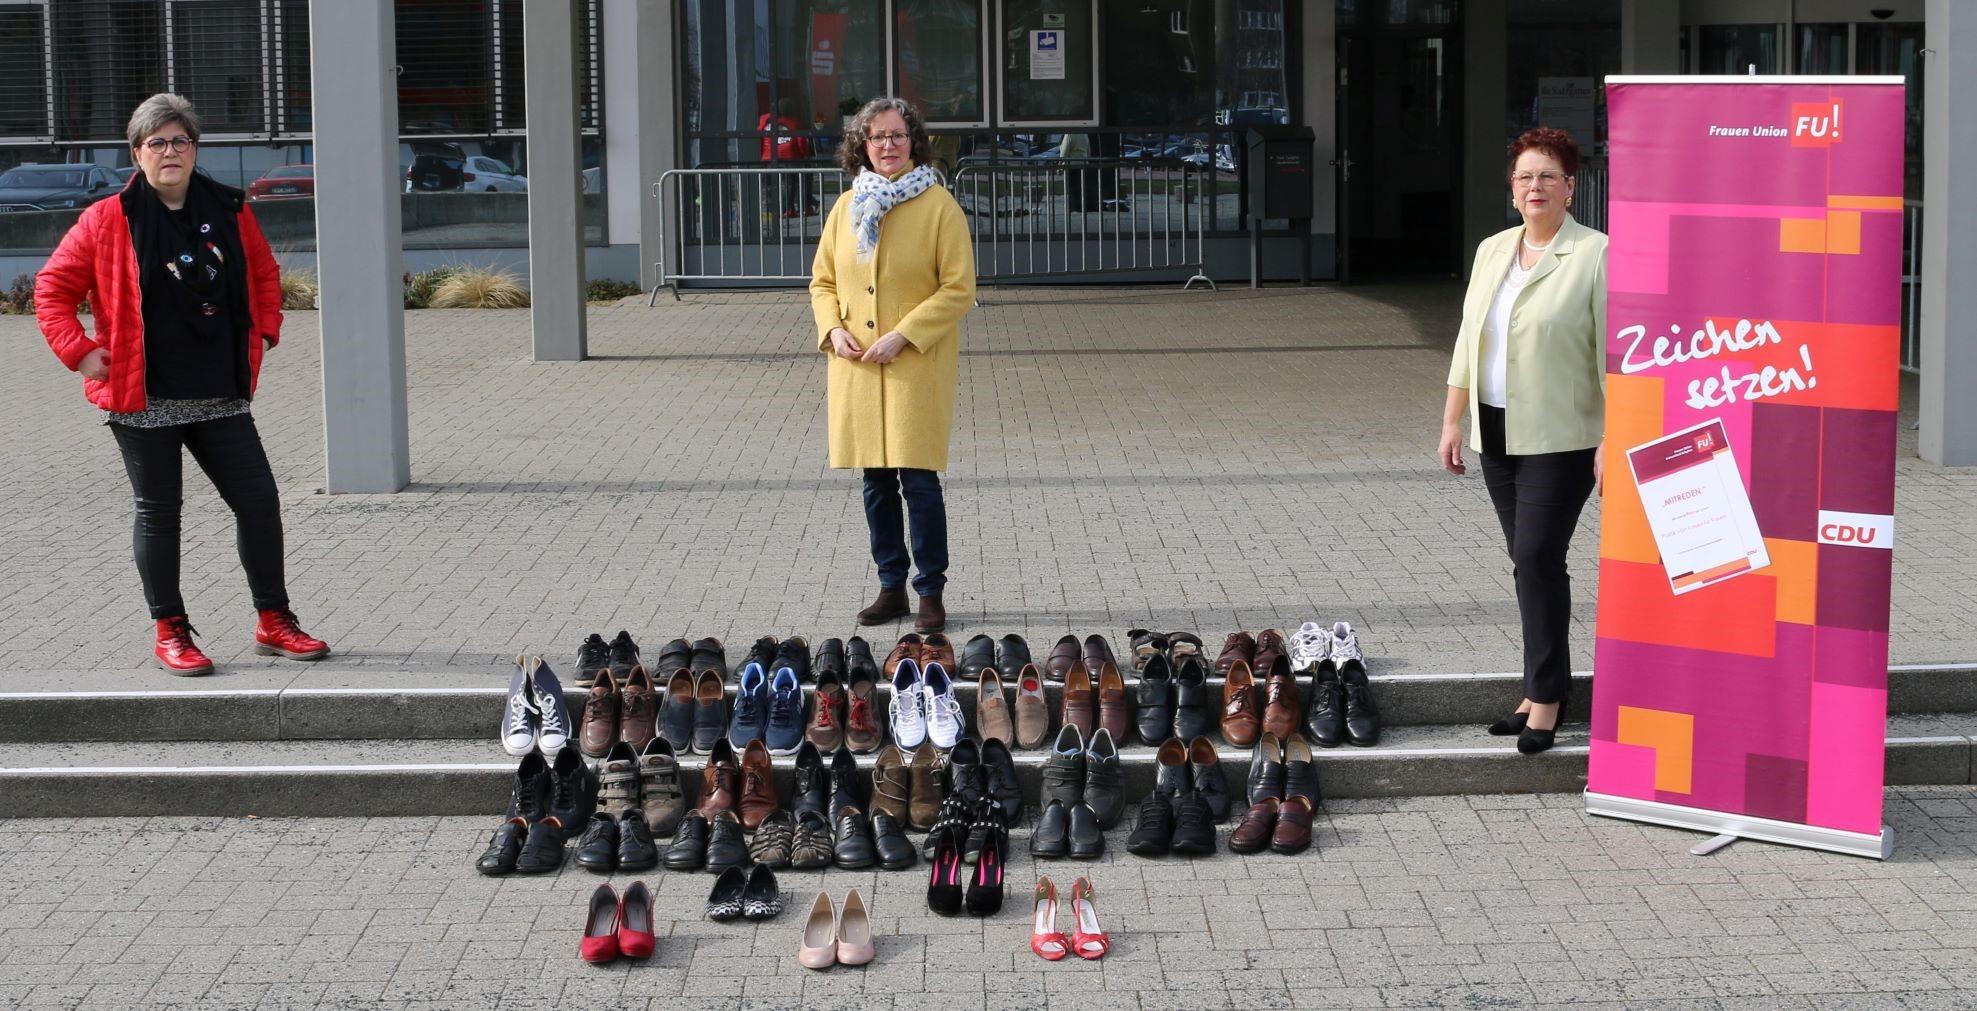 Sie wollen Frauen motivieren, sich in die Politik einzubringen (v.l.n.r.): Sabine Thiele (stv. Kreisvorsitzende der Frauen Union), Andrea Kempe (Kreisvorsitzende  CDU Salzgitter) und Inge Pelzer (Kreisvorsitzende Frauen Union)